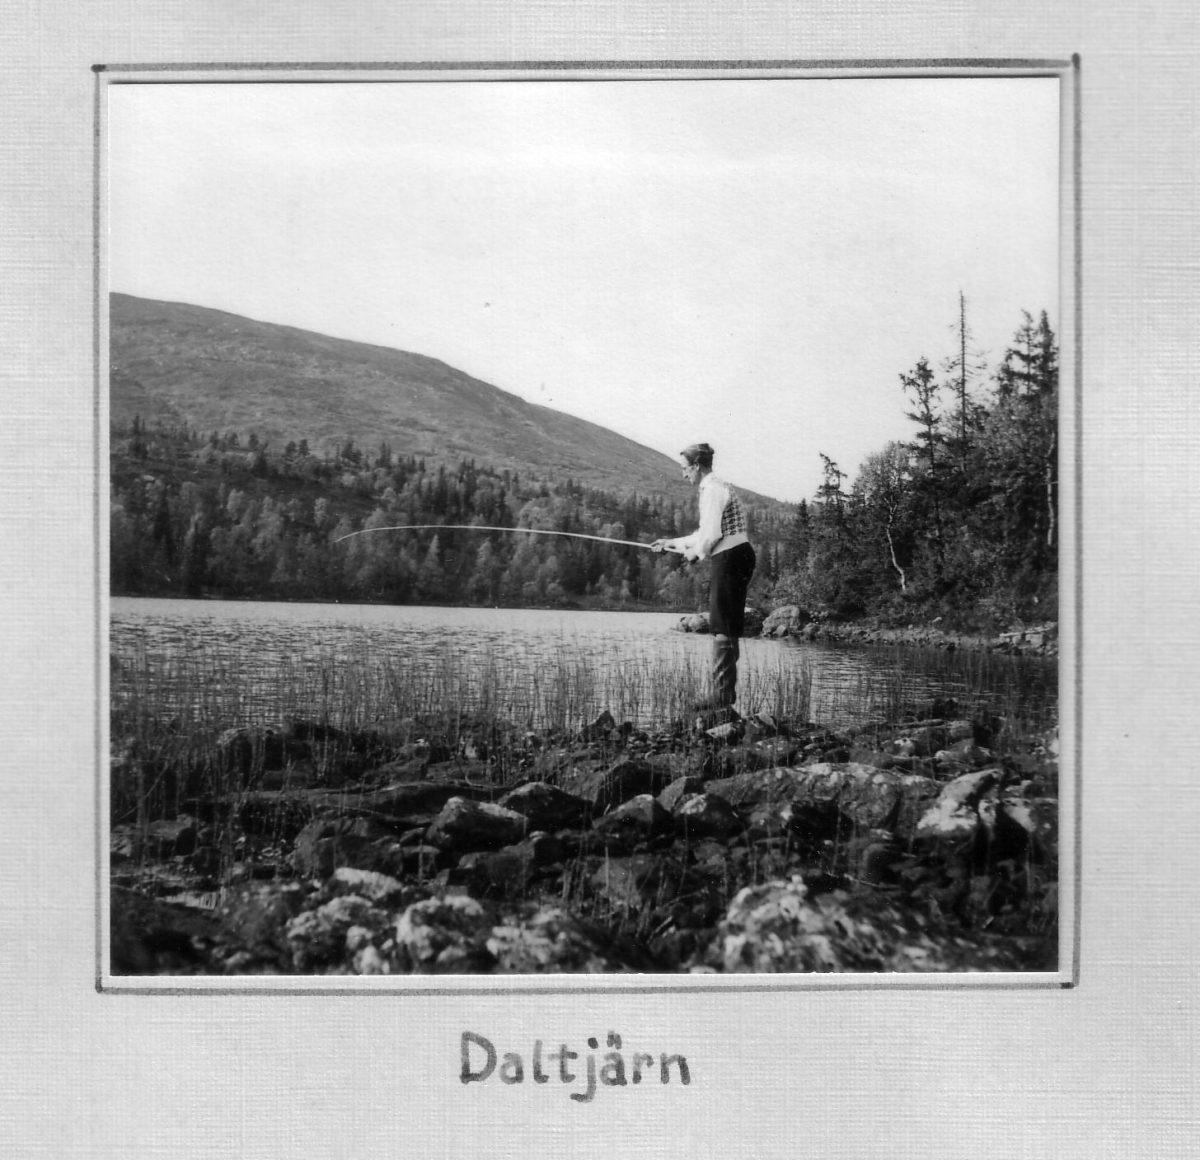 S.17 Daltjärn